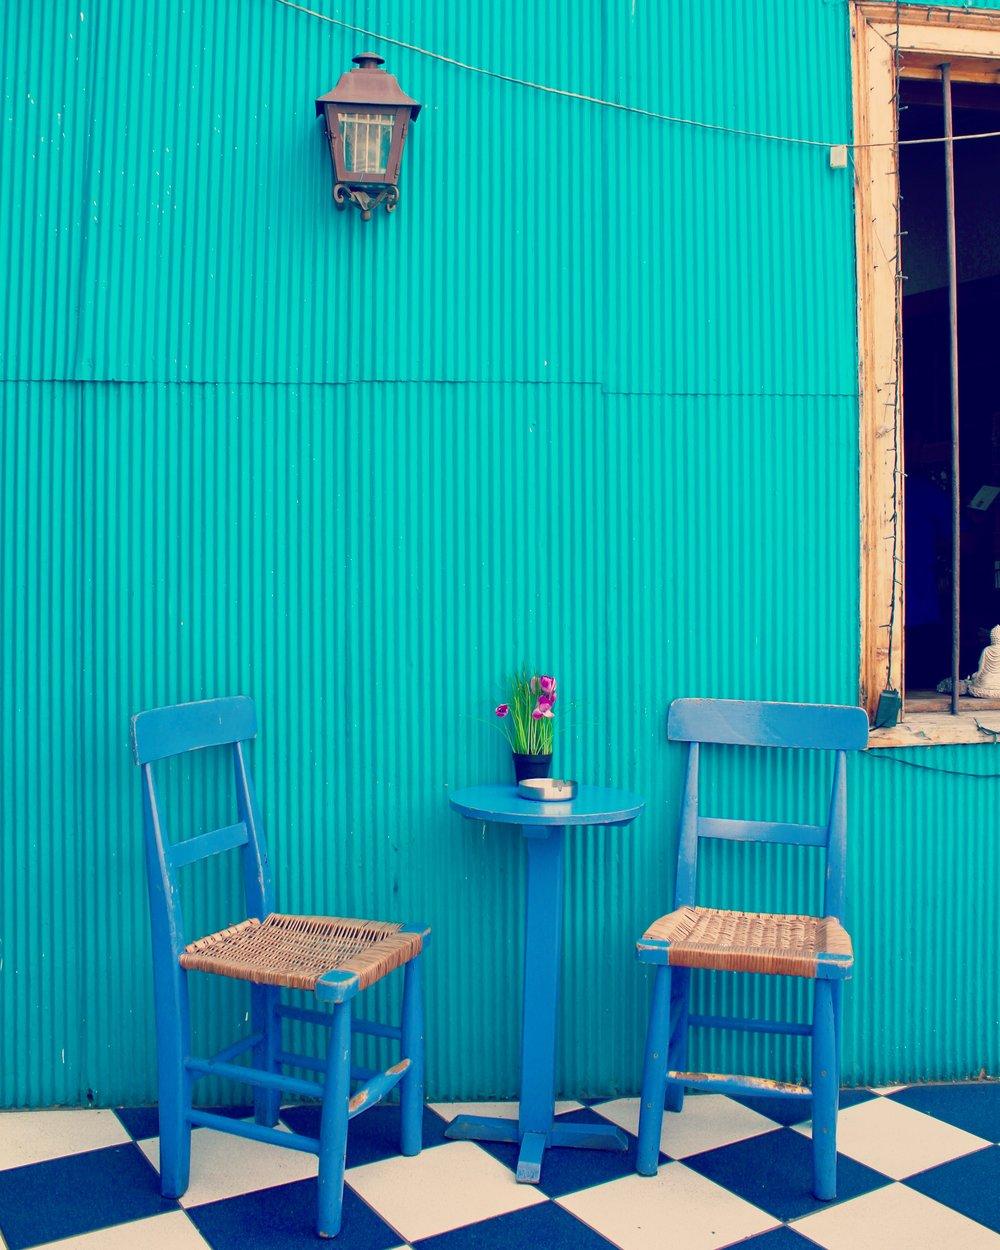 4. Cafe Con Cuento -